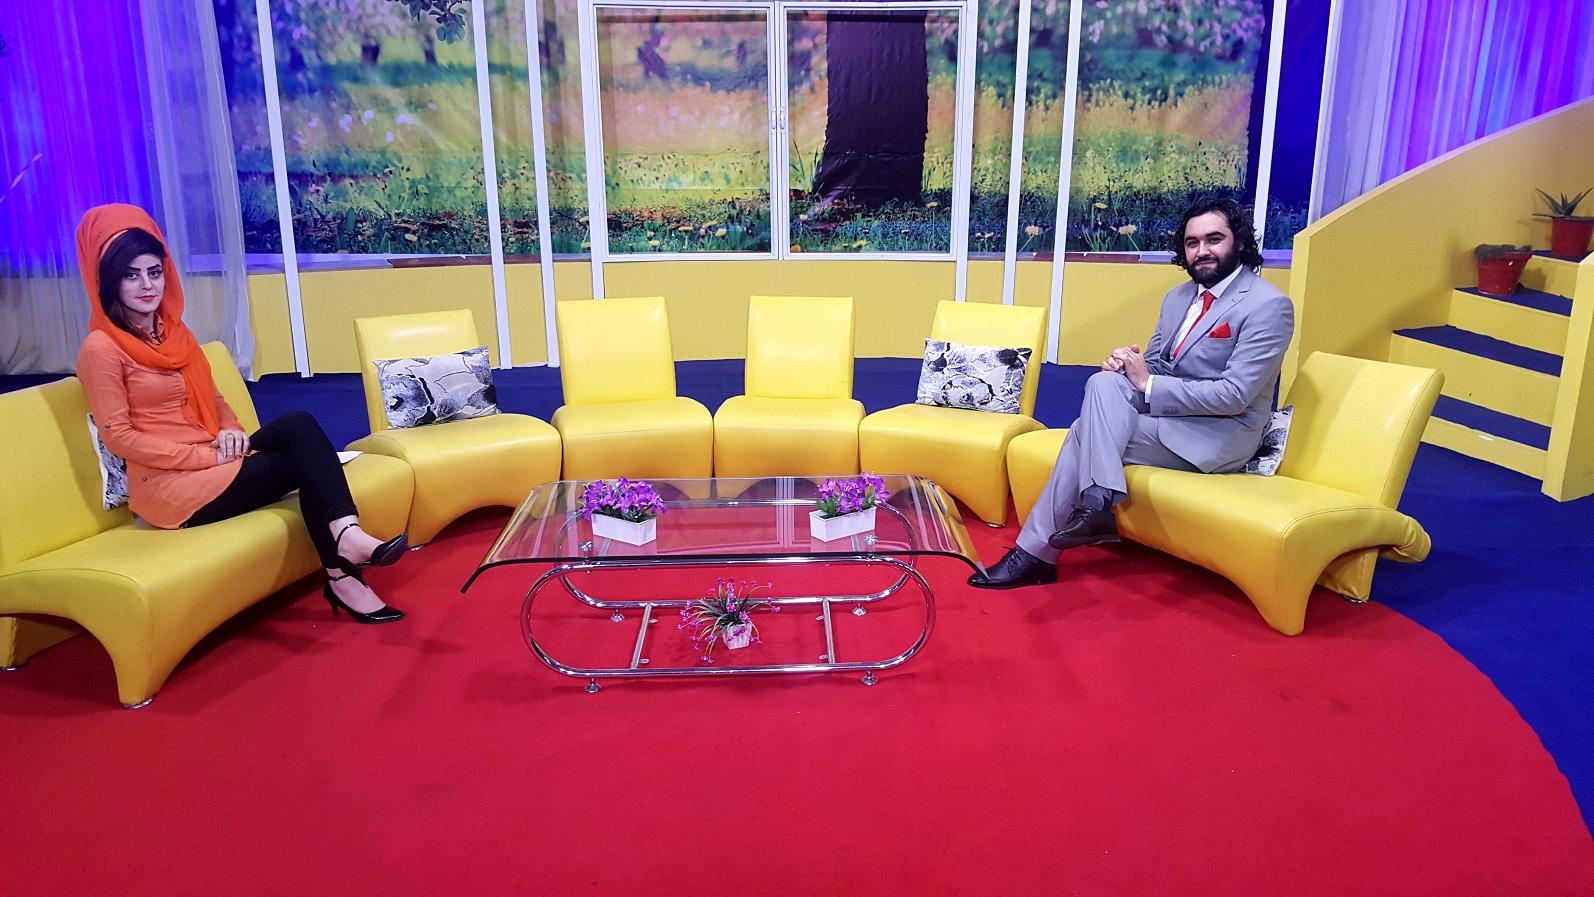 تصاویر از جریان صحبت ها و شعر خوانی احمد محمود امپراطور  در برنامه صبحگاهی سباوون تلویزیون جهانی افغانستان. چهارشنبه 26 سرطان 1398 خورشیدی هفدهم جولای 2019 ترسایی